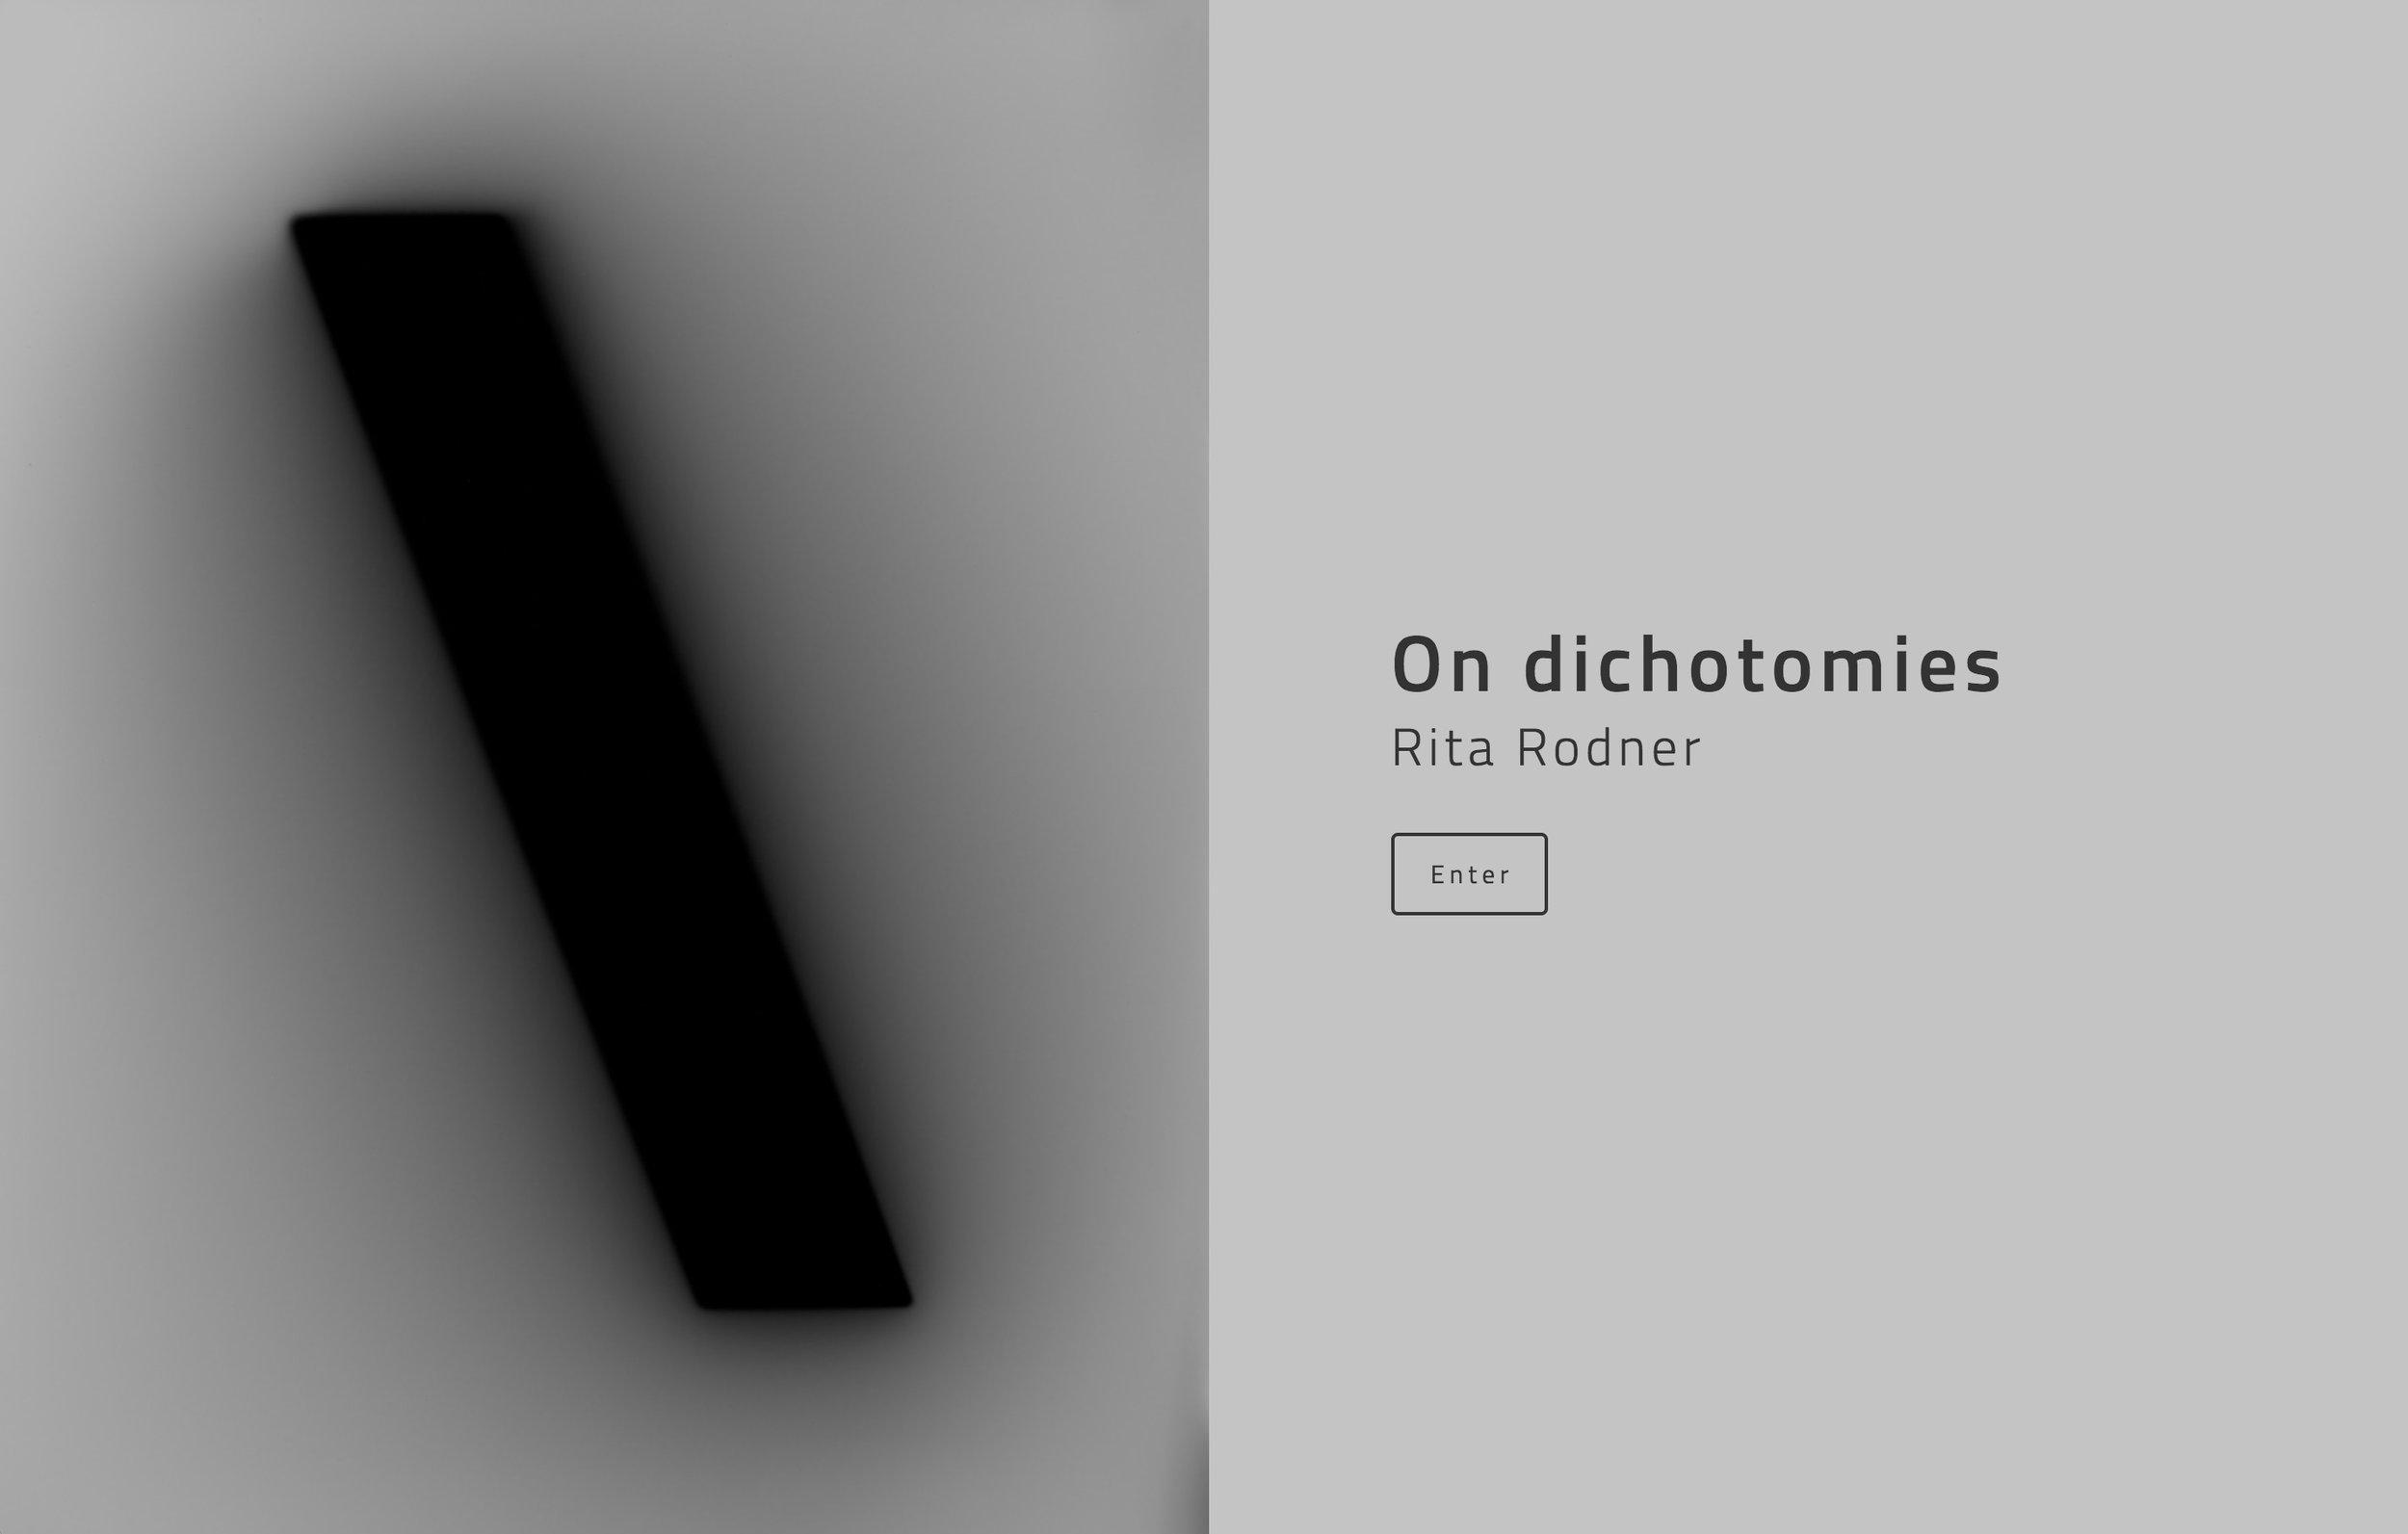 www.ondichotomies.com